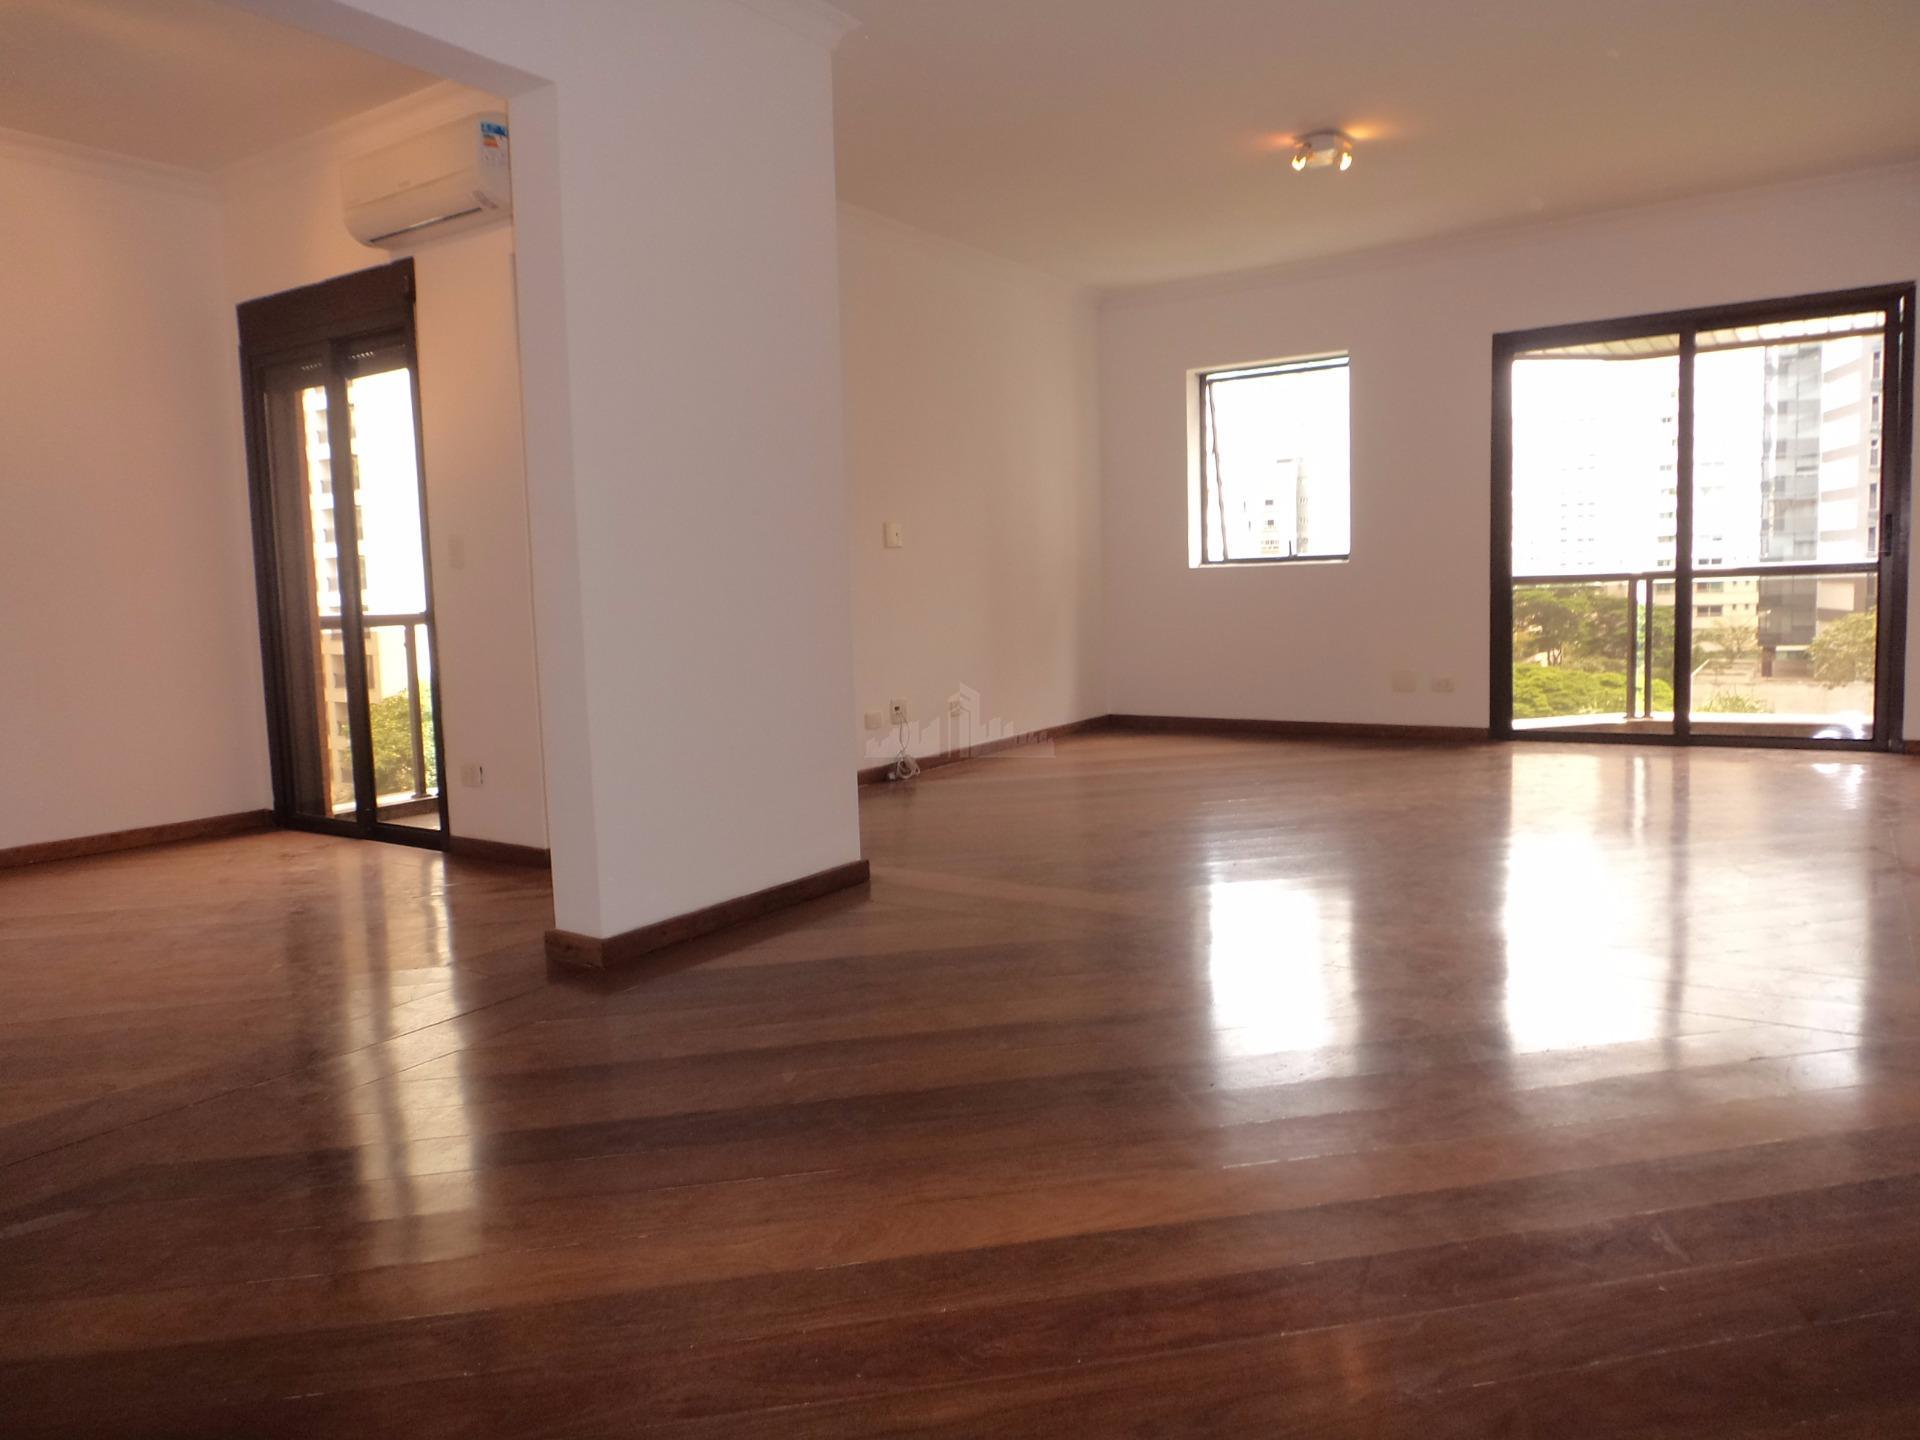 Apartamento com 123 metros de área útil com salas 2 suítes área nobre SP 2 vagas + depósito